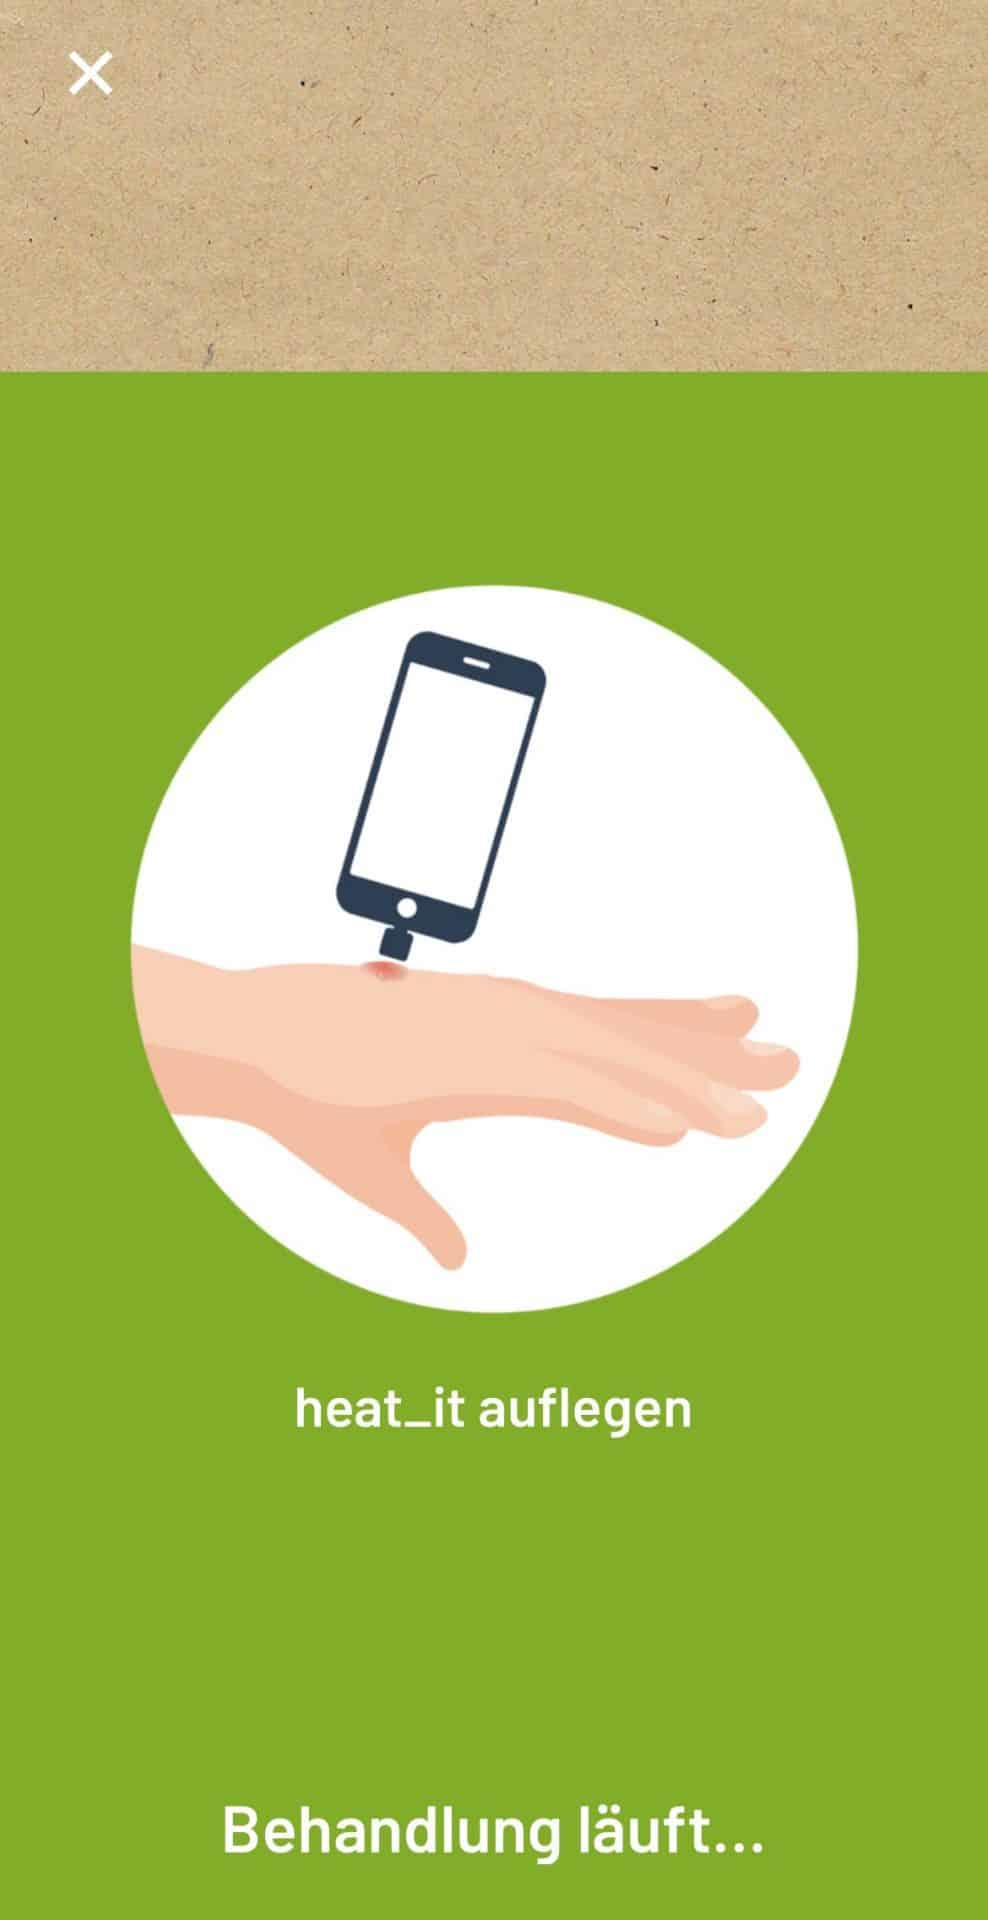 Stichheiler-Mueckenstich-Schmerzlinderung-heat_it-auflegen